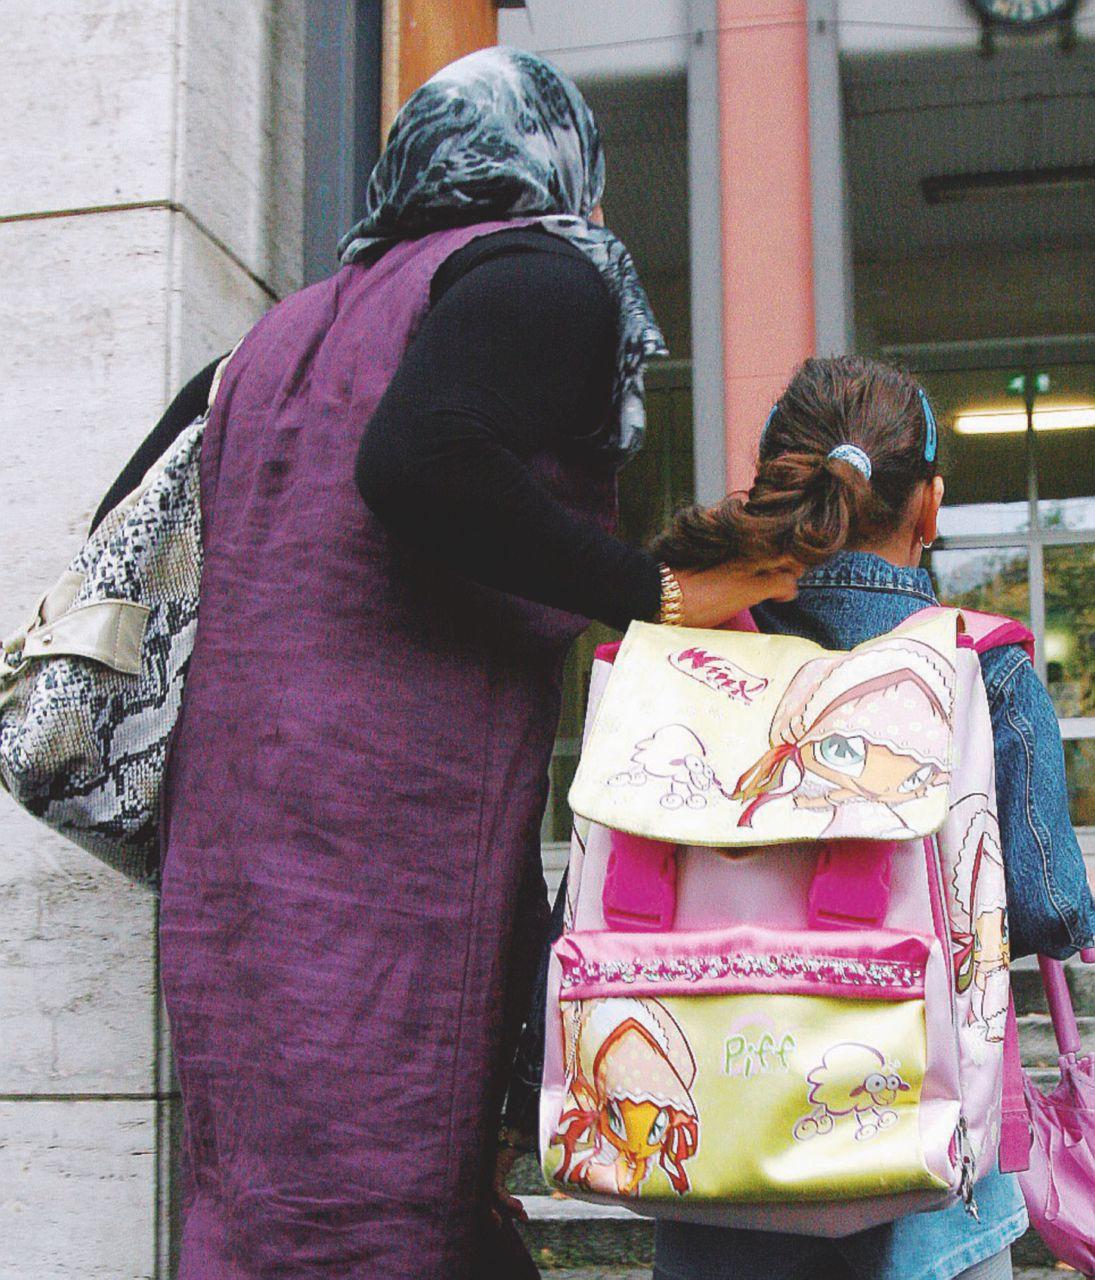 Dagli islamici alla nonna Il giudice riaffida la bimba